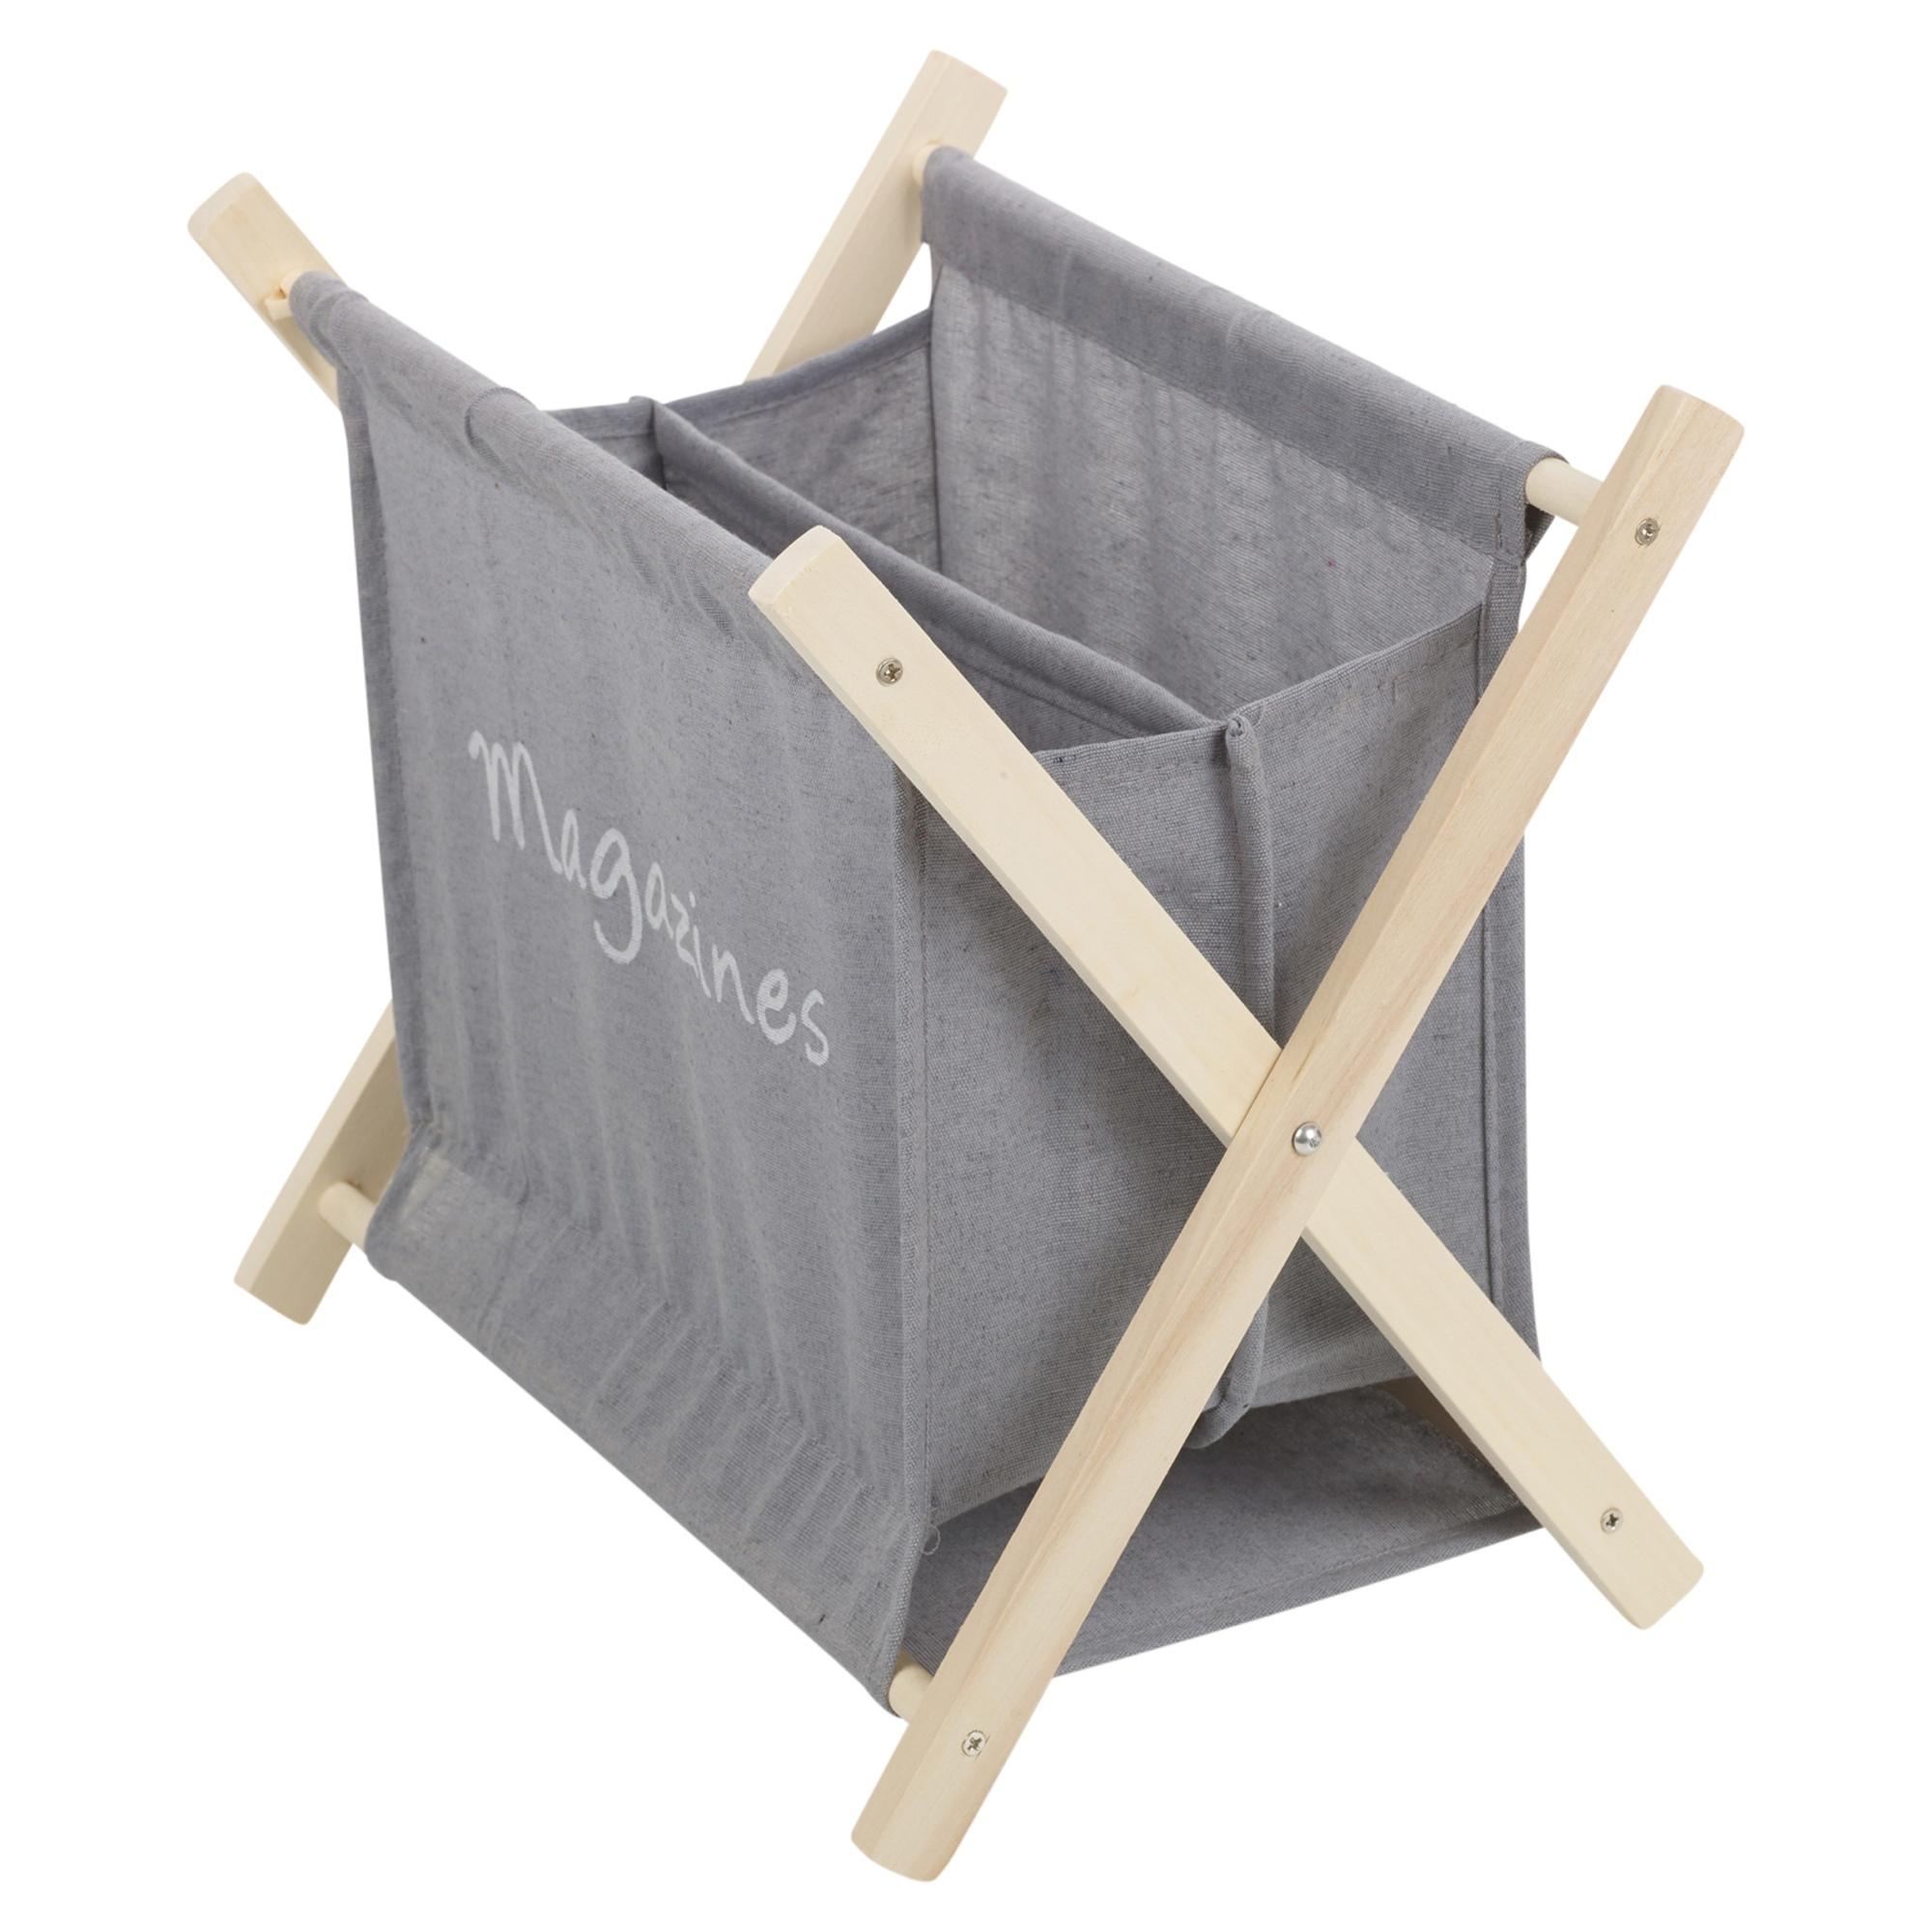 holz zeitschriften zeitungsst nder halter bodenst nder. Black Bedroom Furniture Sets. Home Design Ideas